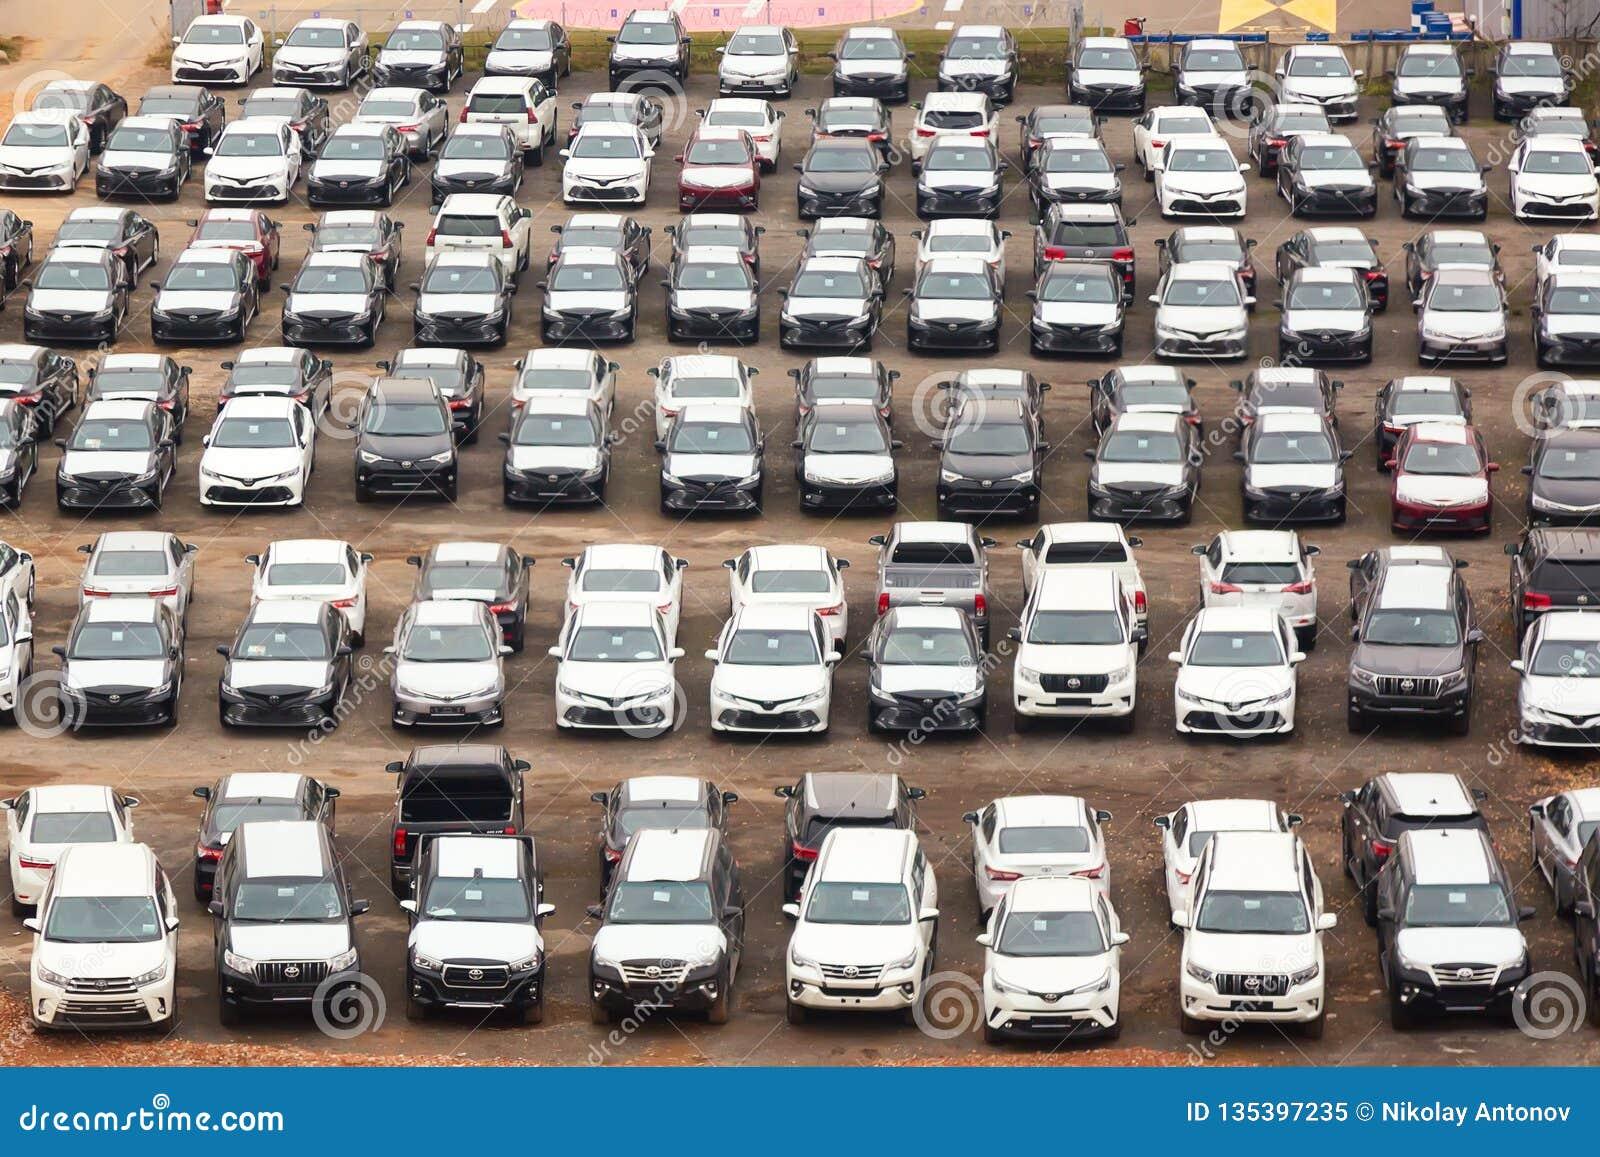 Μόσχα, Ρωσία - τον Οκτώβριο του 2018: Πολλά αυτοκίνητα της Toyota στο χώρο στάθμευσης μεταπωλητών στις σειρές άνωθεν Η Toyota είν